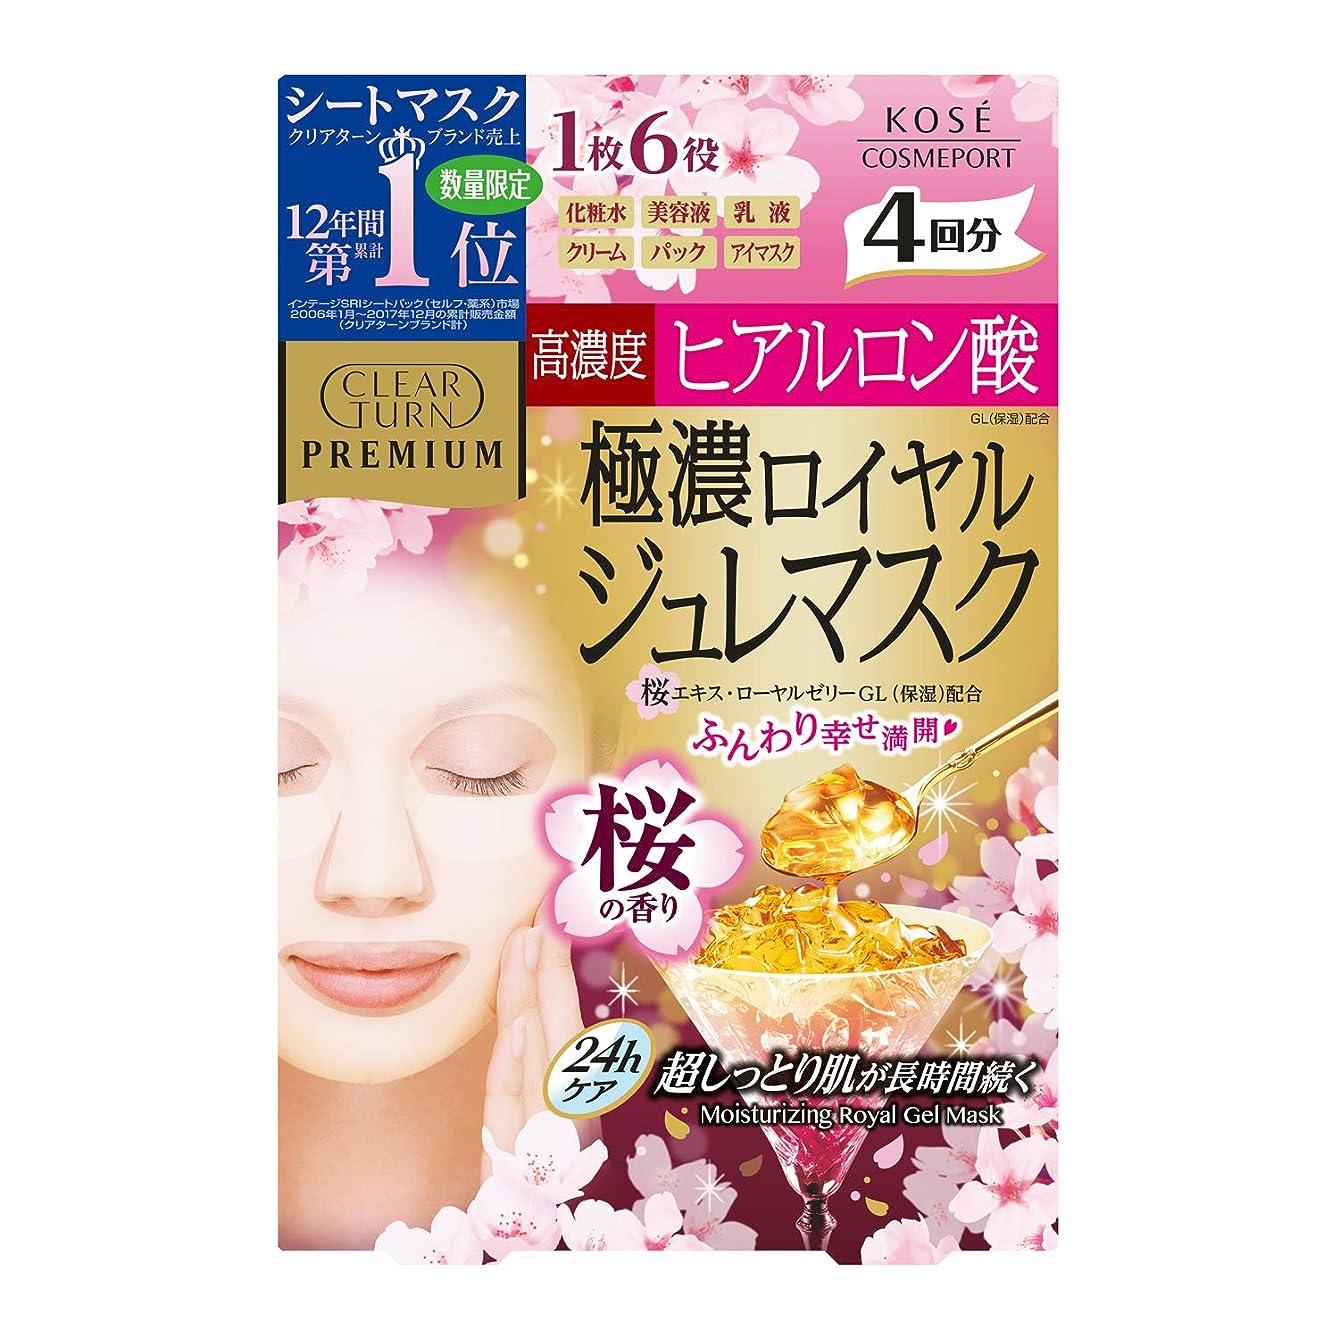 変形する層スーダンKOSE クリアターン プレミアムロイヤルジュレマスク(ヒアルロン酸)4回 桜の香り